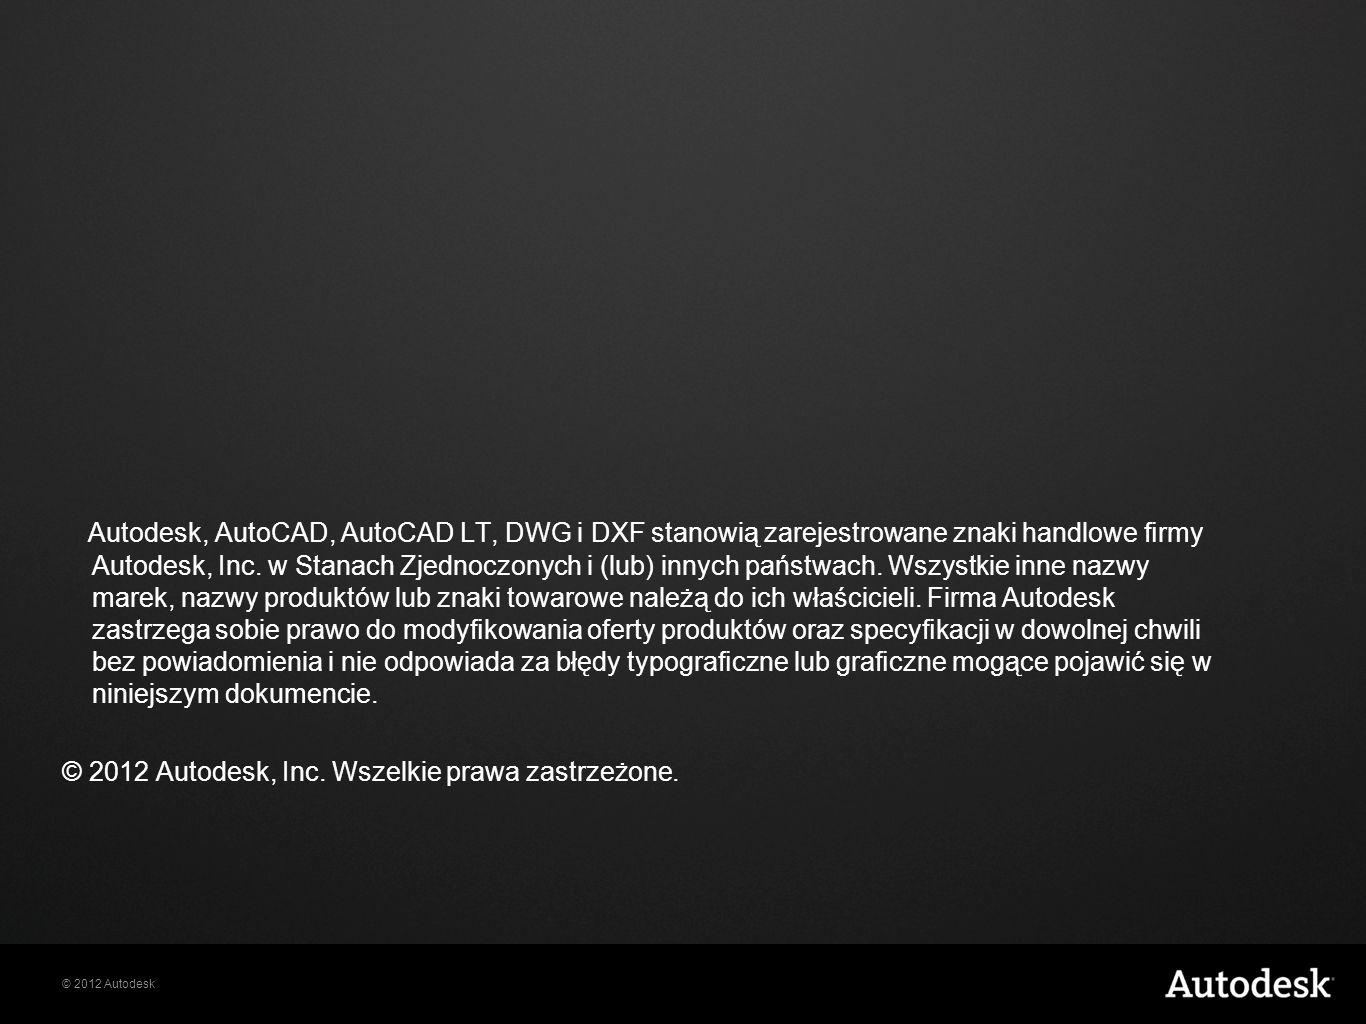 © 2012 Autodesk Autodesk, AutoCAD, AutoCAD LT, DWG i DXF stanowią zarejestrowane znaki handlowe rmy Autodesk, Inc.